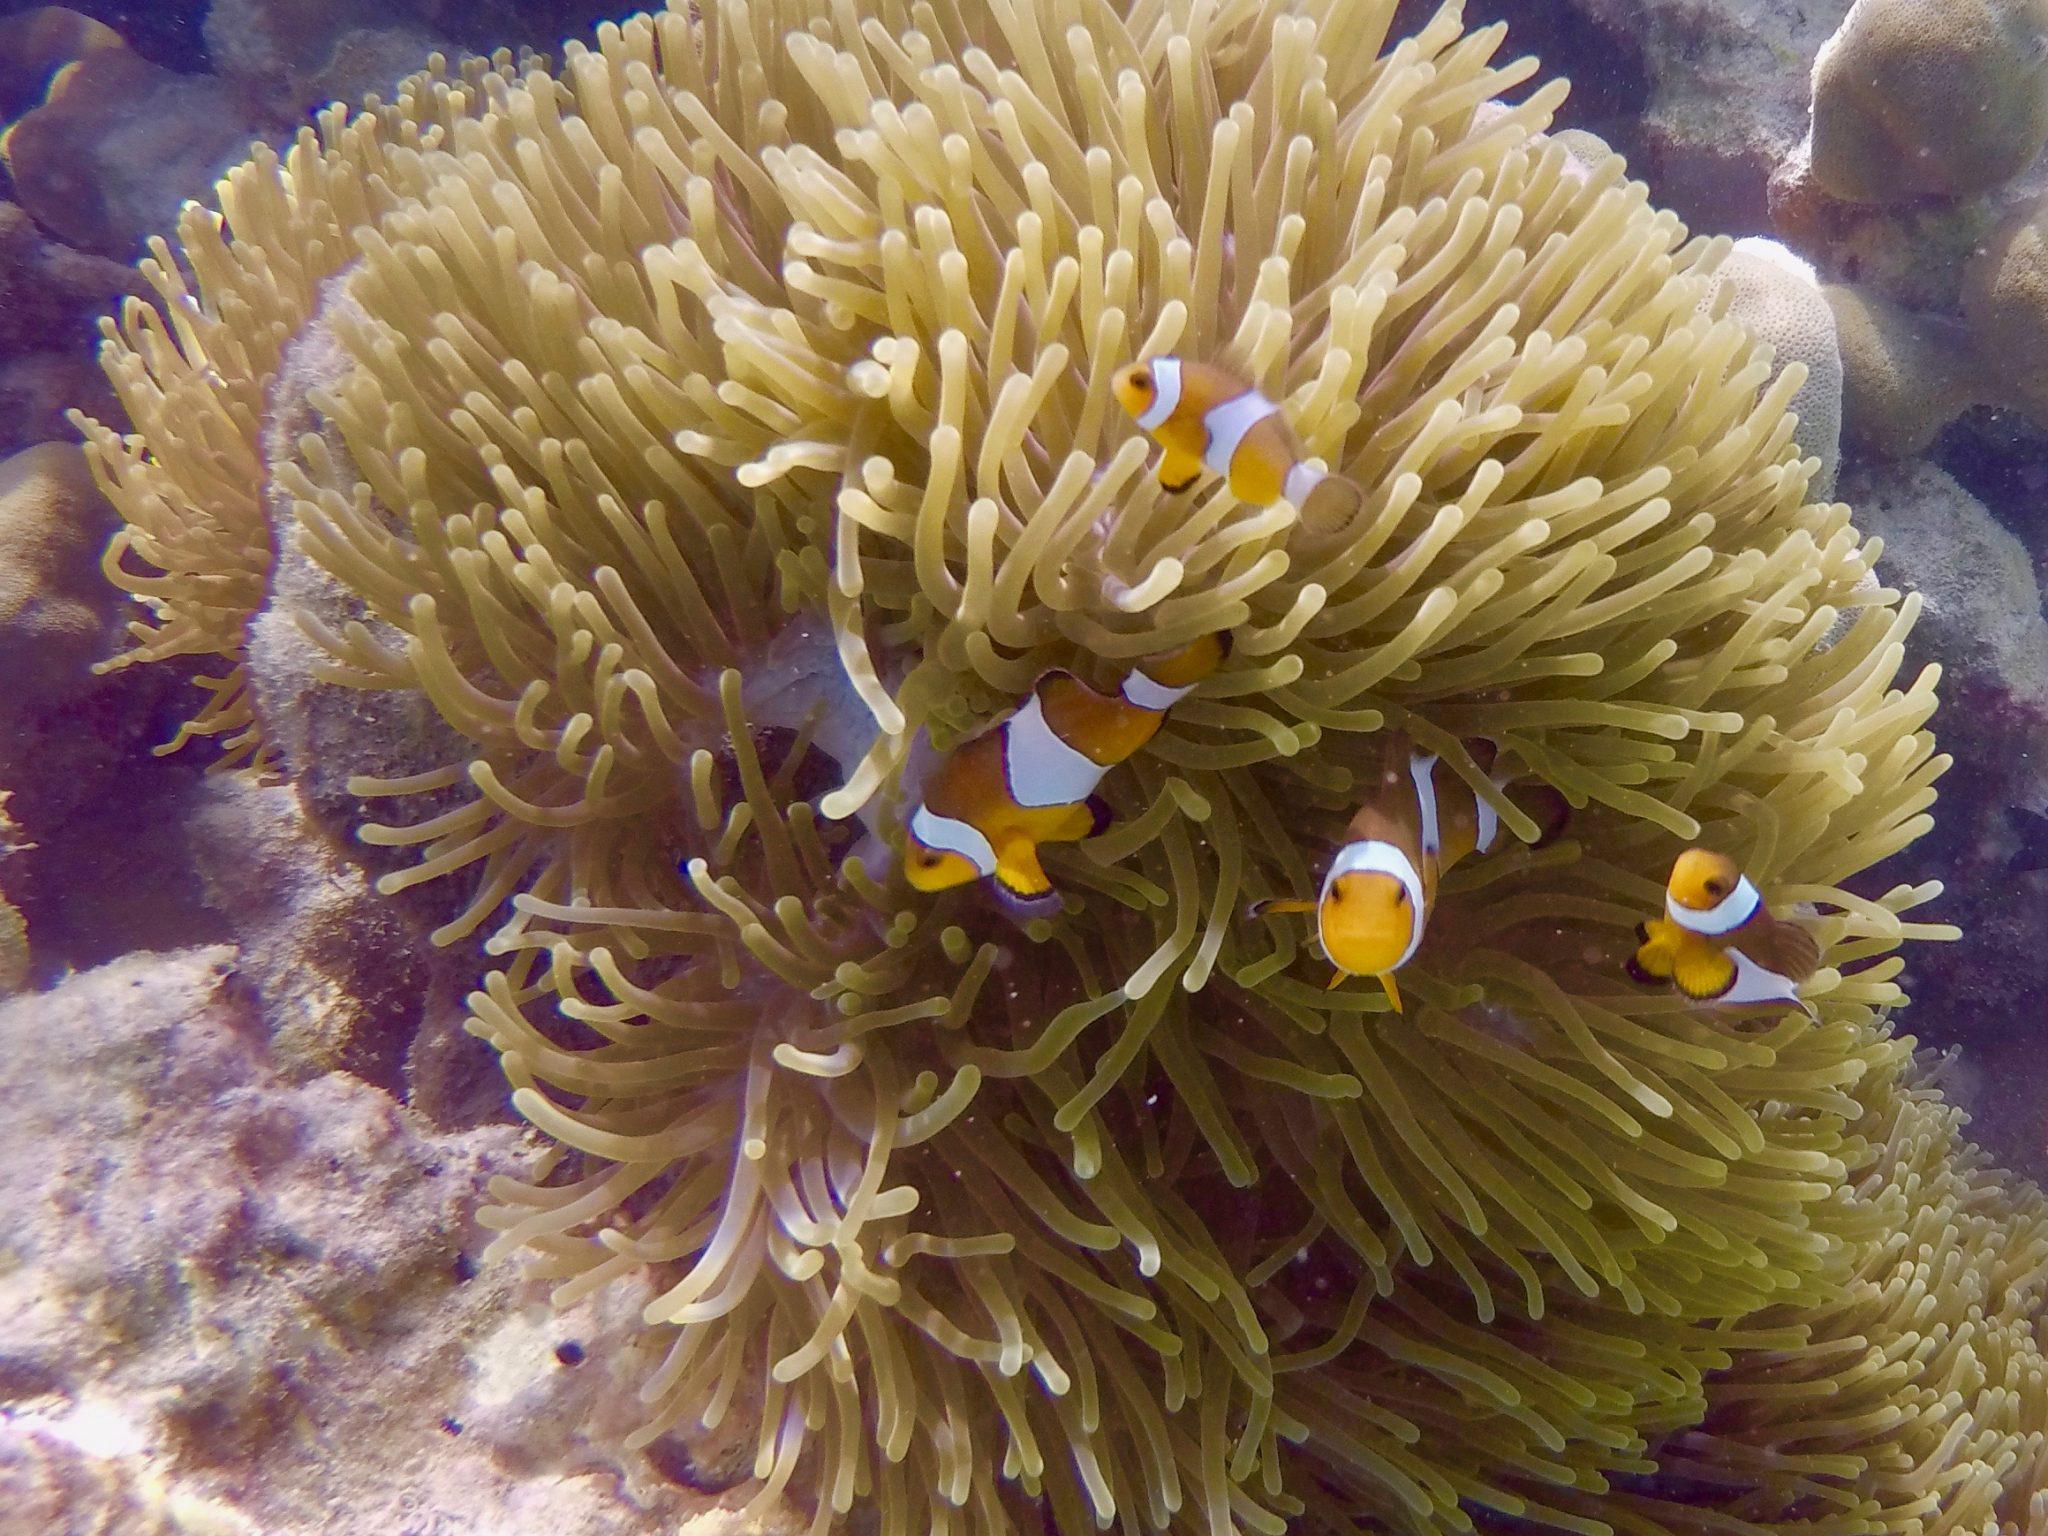 Beim Schnorcheln oder Tauchen in Thailand lassen sich häufig Annemonenfische - Nemos - entdecken! Foto: Sascha Tegtmeyer